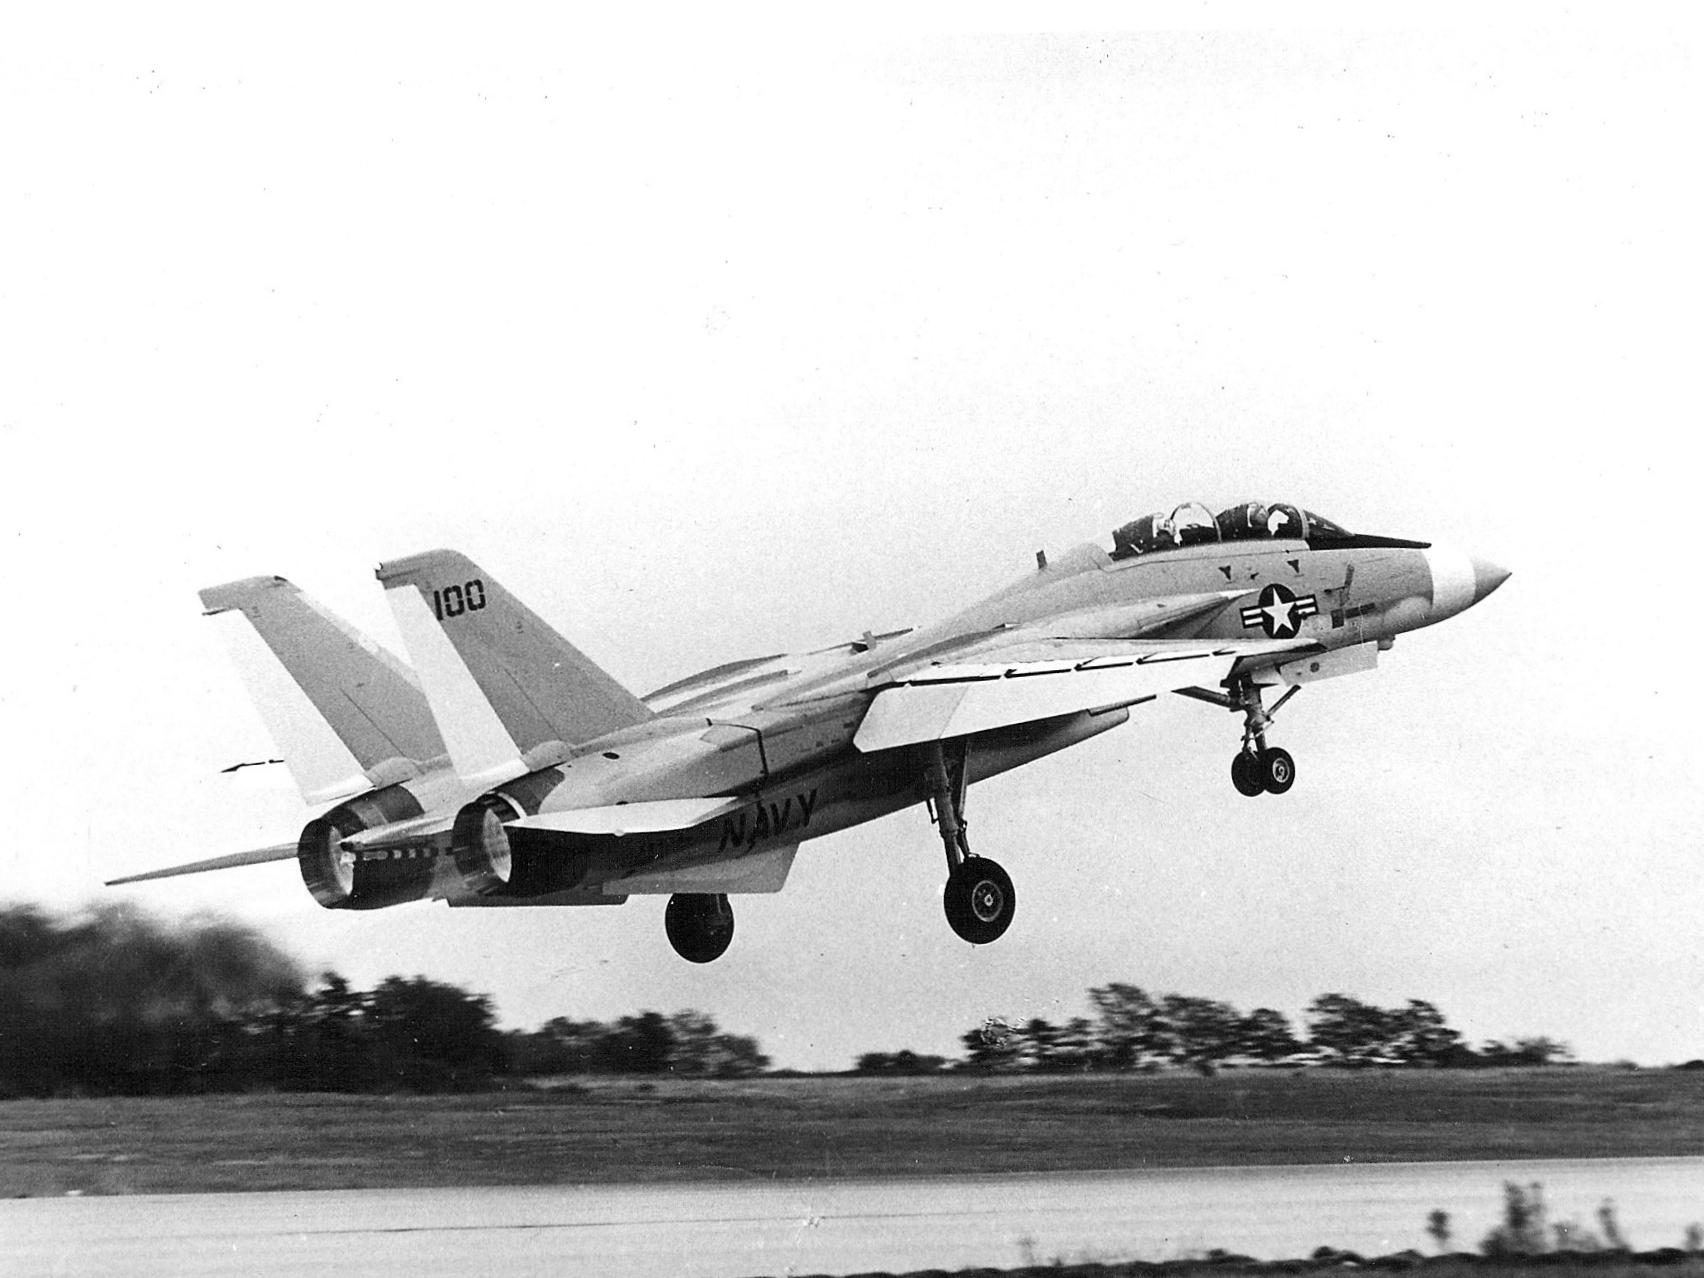 اول مواجهه جويه بين الاخوه الاعداء : ال F-14 Tomcat ضد ال F-4 Phantom  100th_F-14_Tomcat_produced_taking_off_in_1974